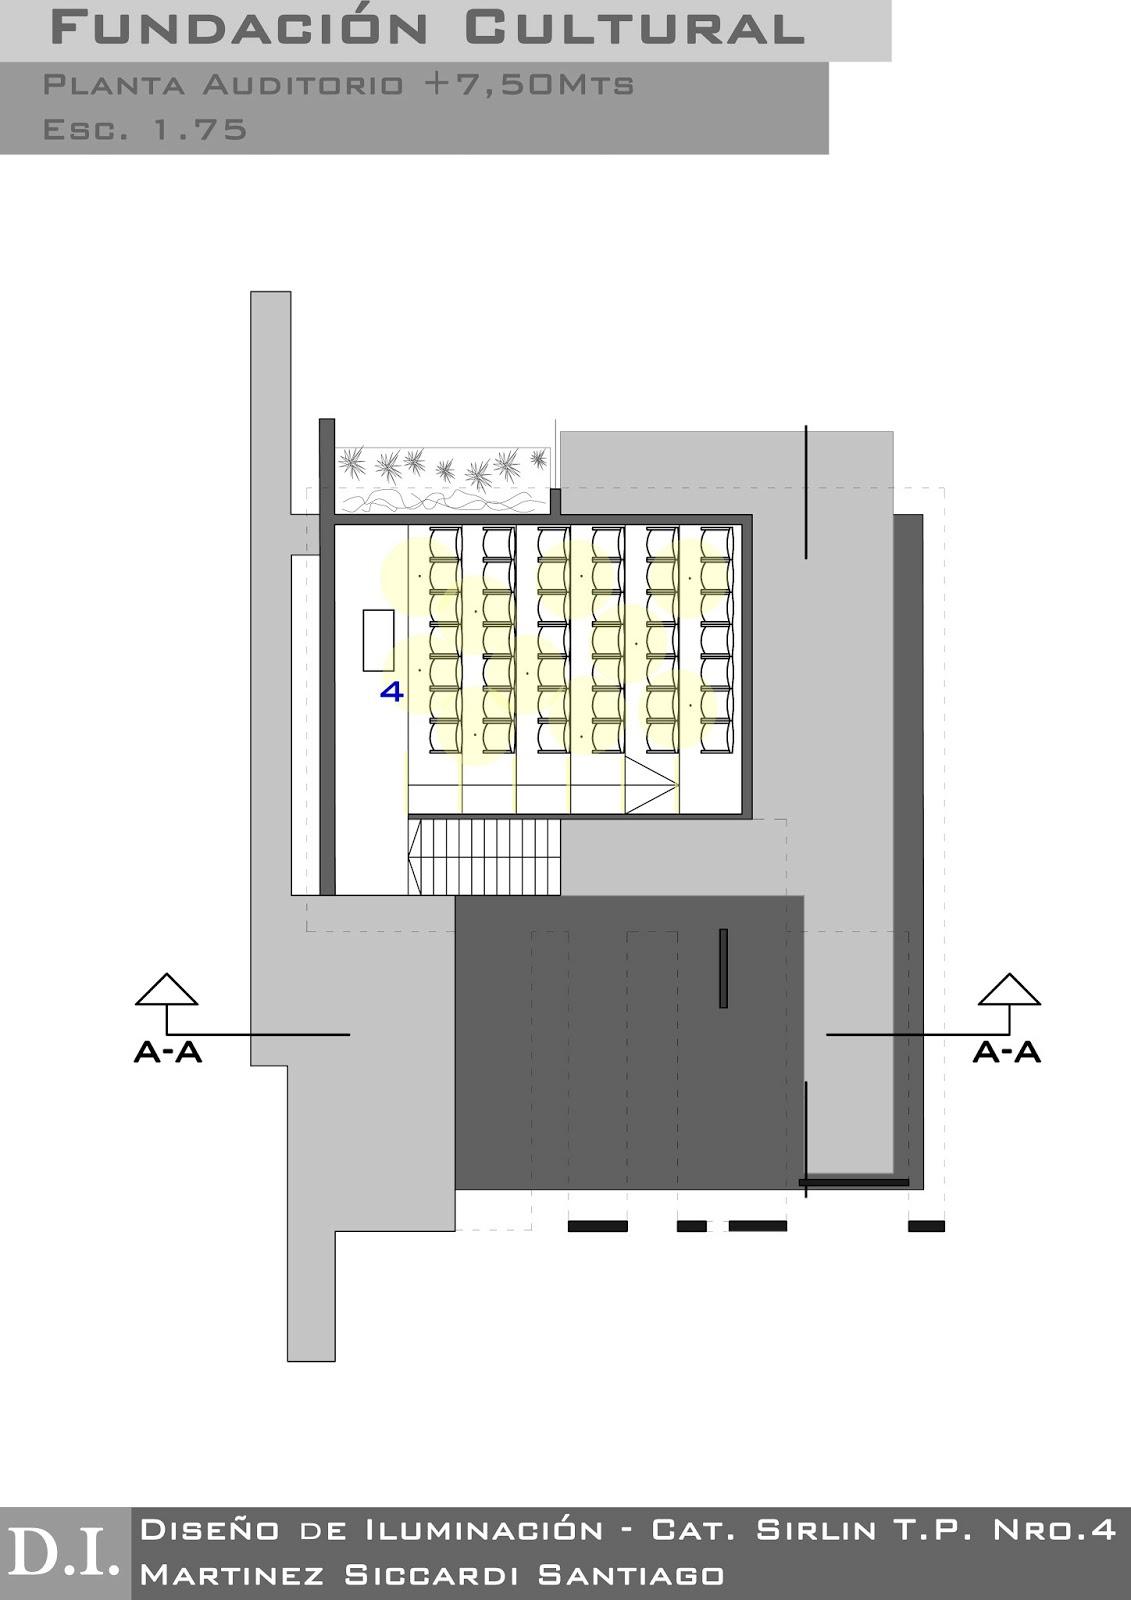 Proyectos arquitectura dise o de iluminaci n sirlin 2012 - Arquitectura de diseno ...